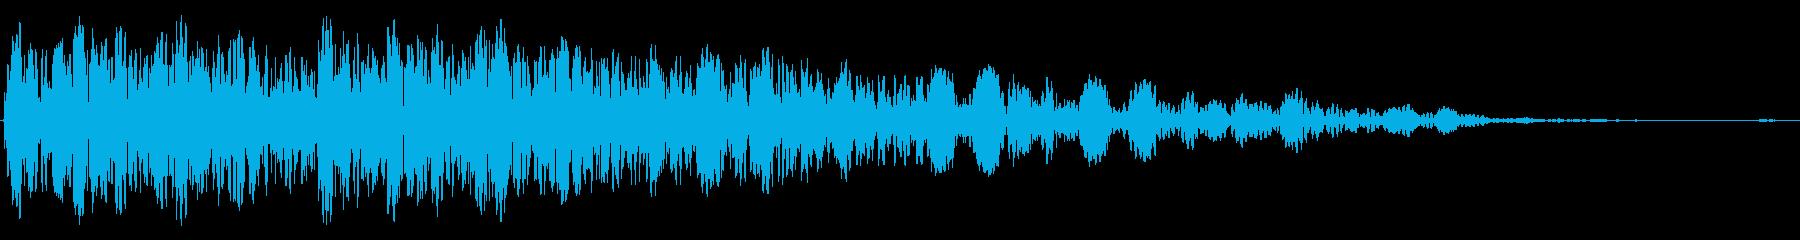 グワワーン(巨人登場)の再生済みの波形